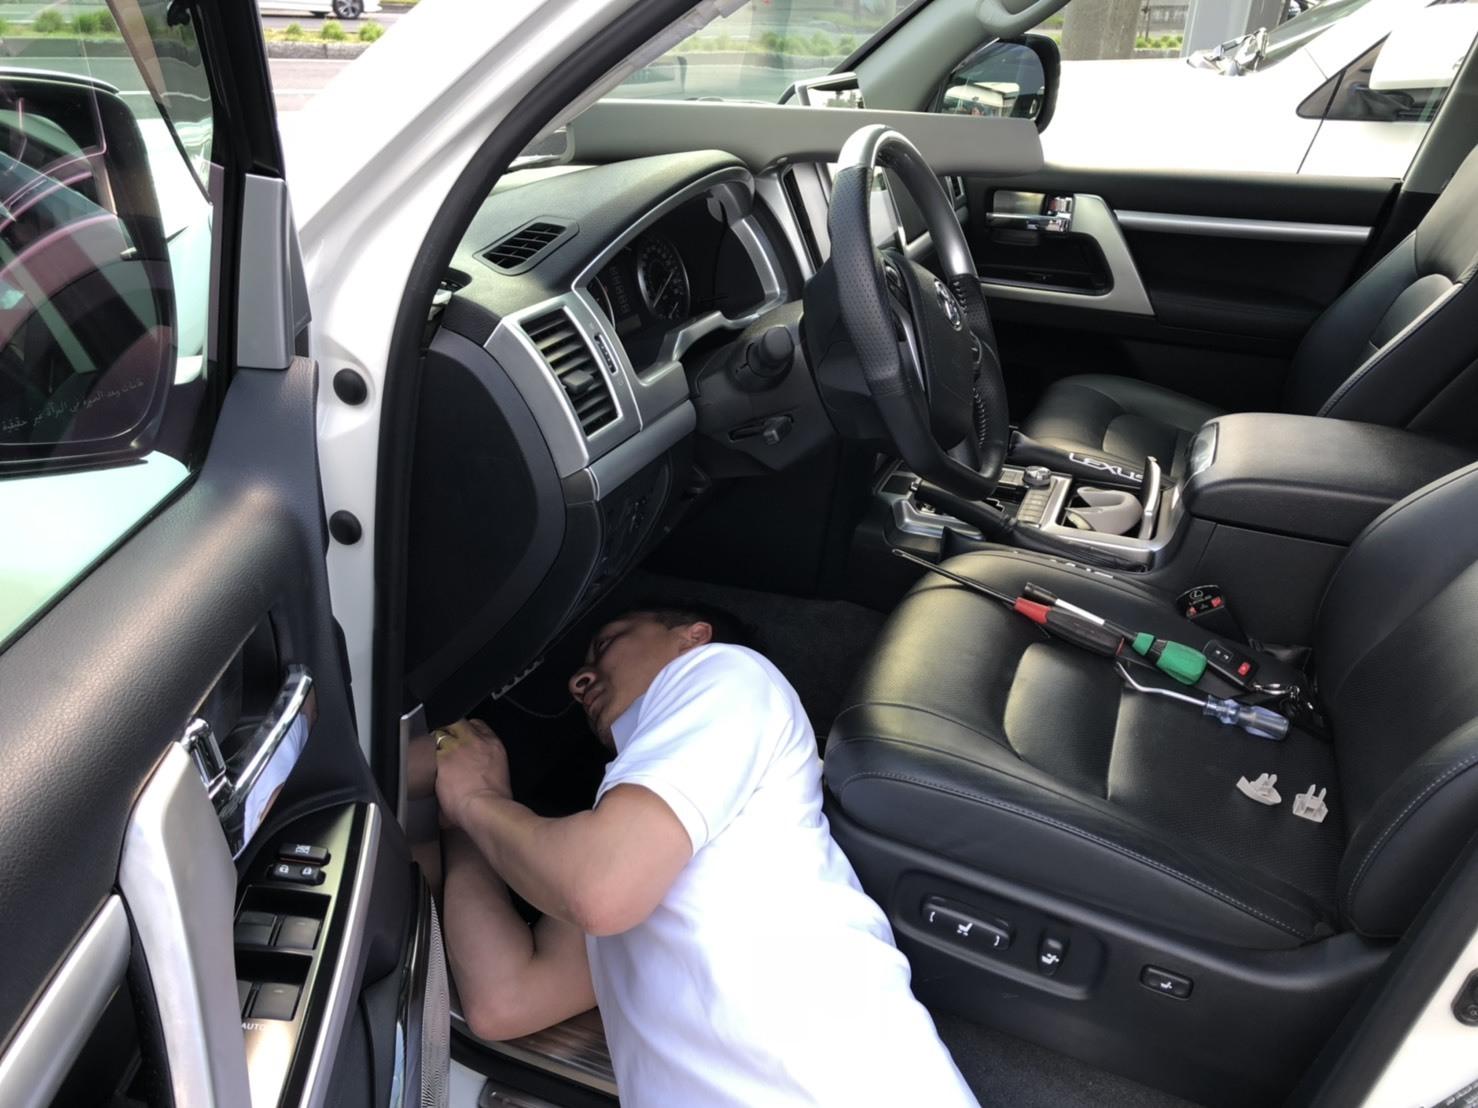 6月2日(日)♛クラウンK様&LX450DI様納車♛ランクル レクサス ベンツ⊛TOMMY⊛_b0127002_17595107.jpg